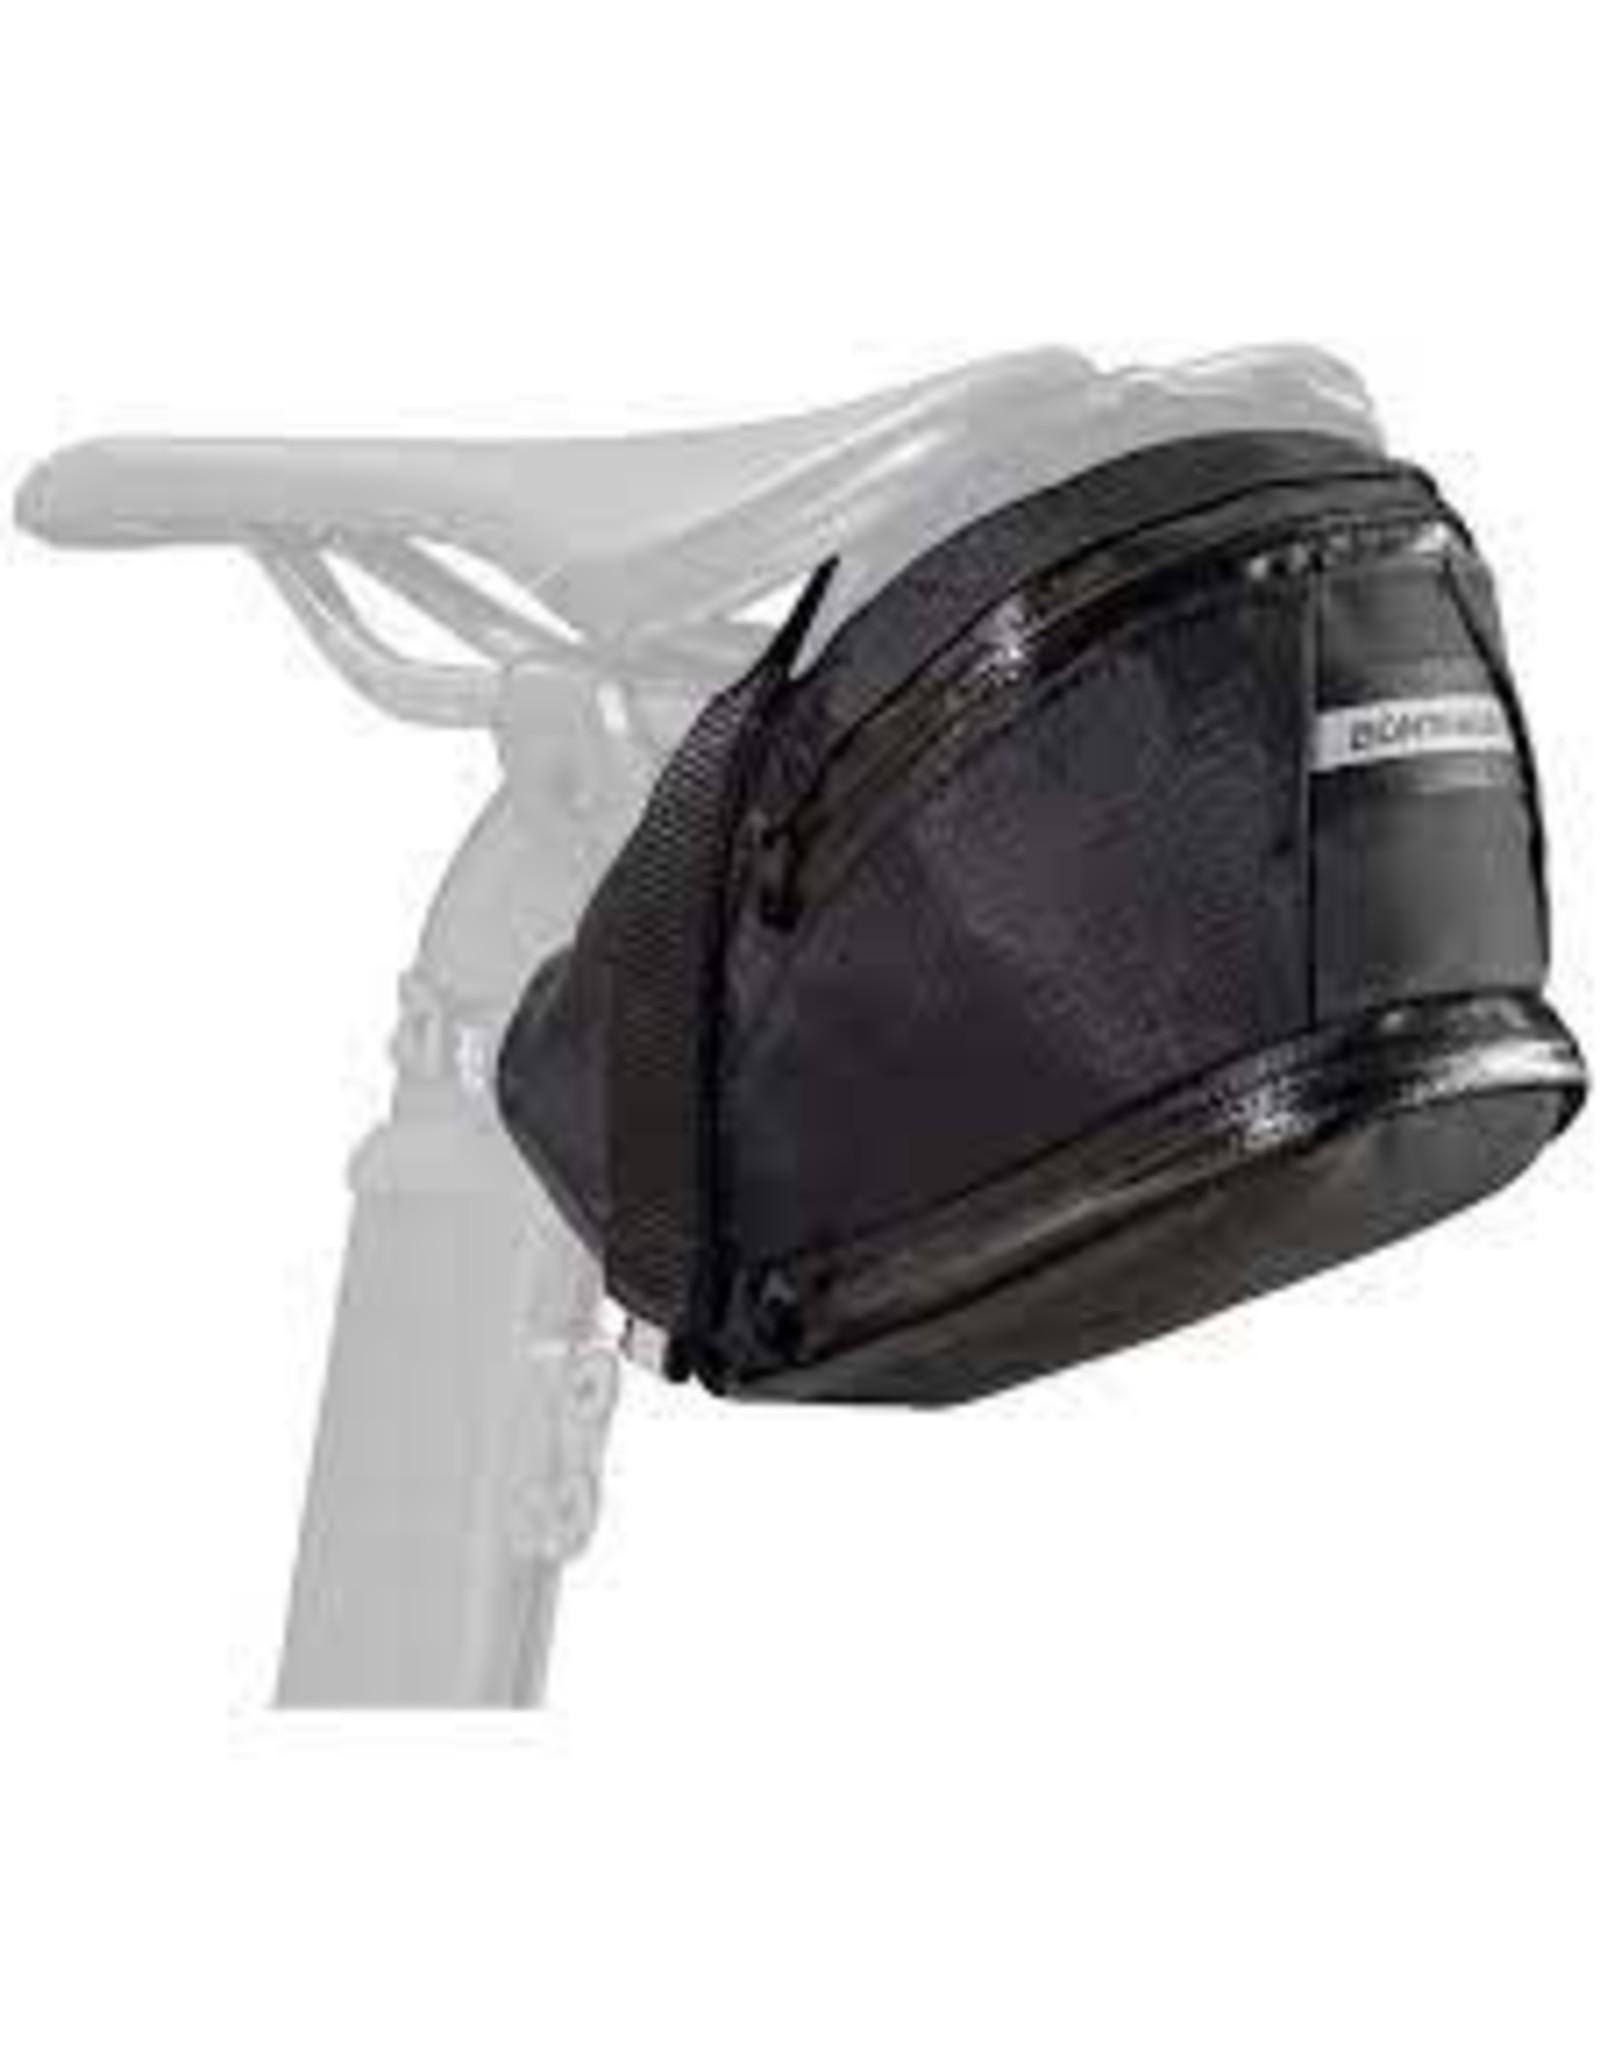 BAG BONTRAGER ELITE SEAT PACK LARGE BLACK